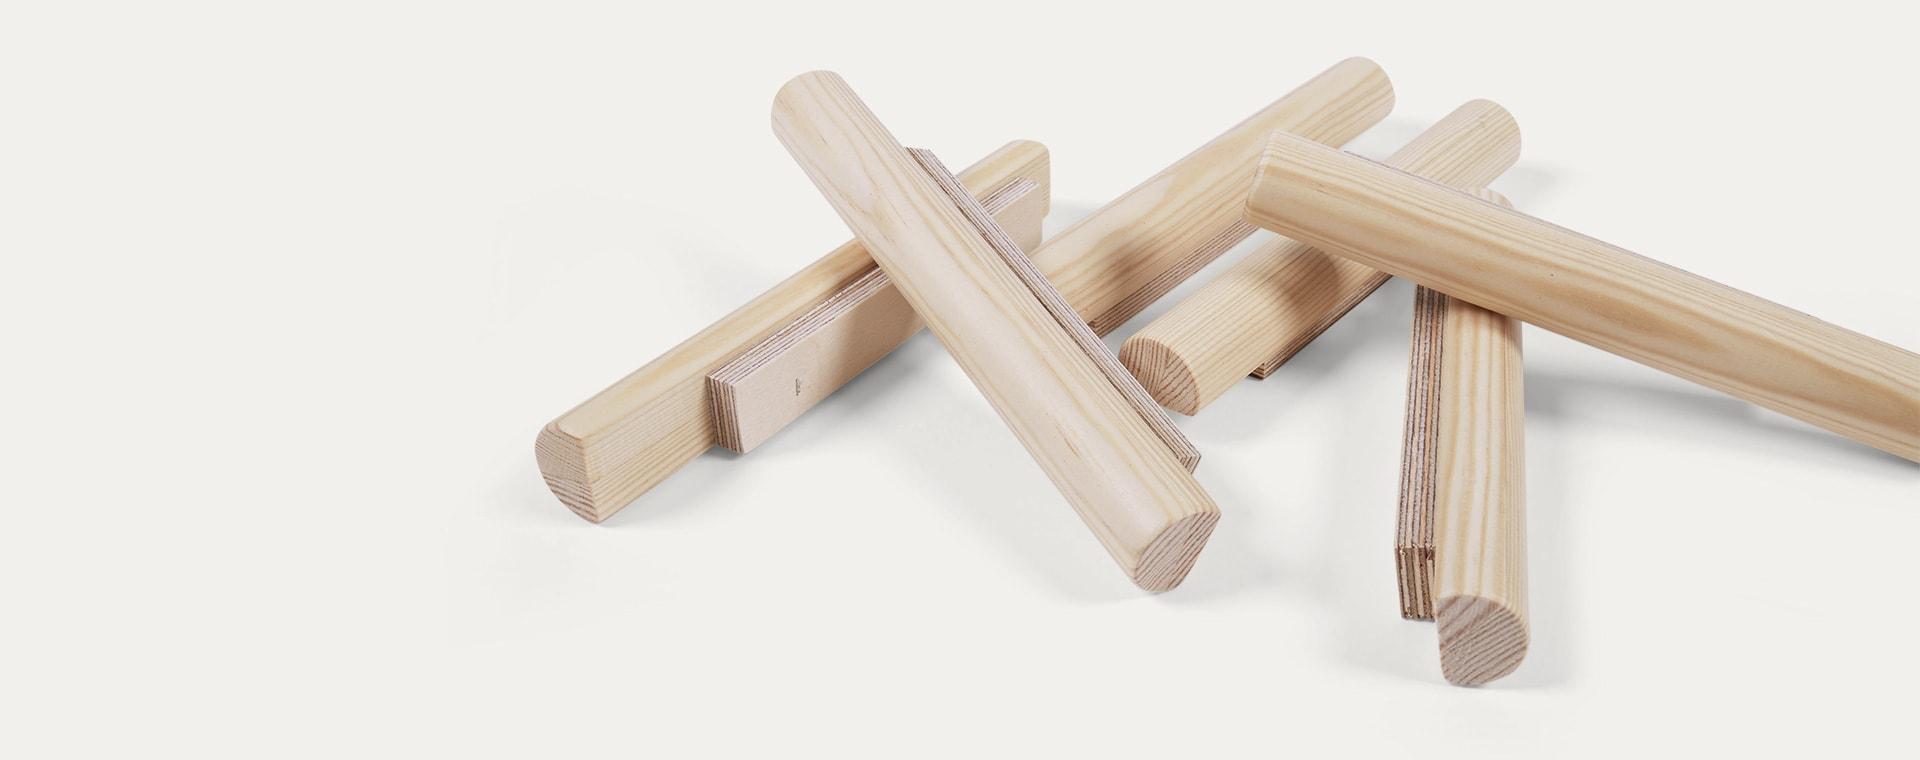 Natural Wood Tri Climb Miri Sticks